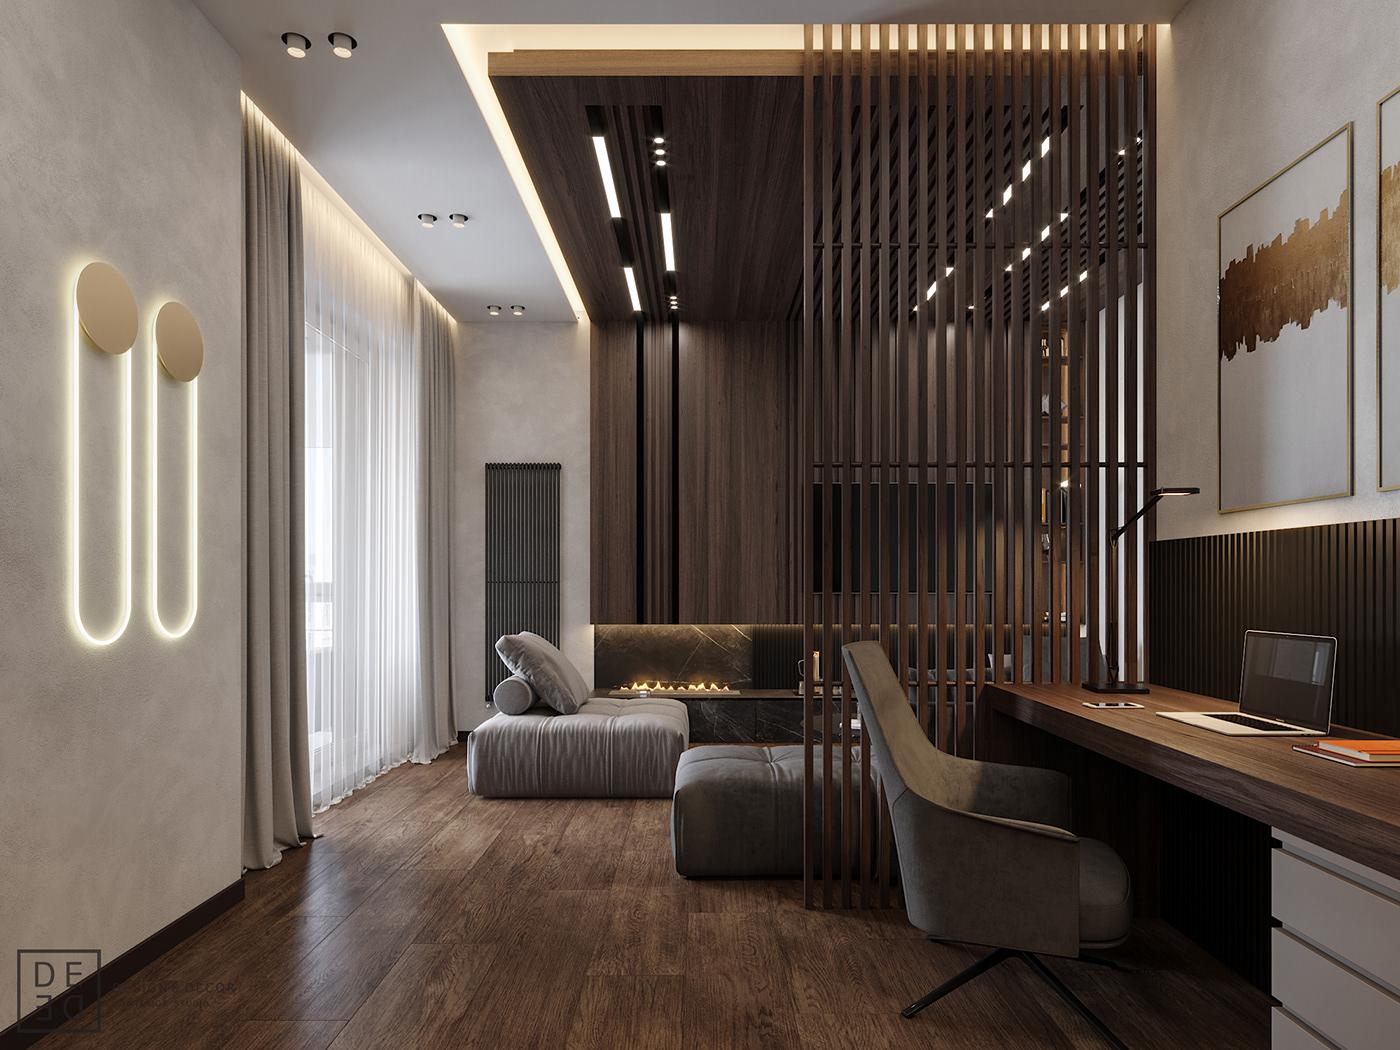 Interior design interiordesign Minimalism modern DE&DE Interior Studio designer corona render  3ds max architecture